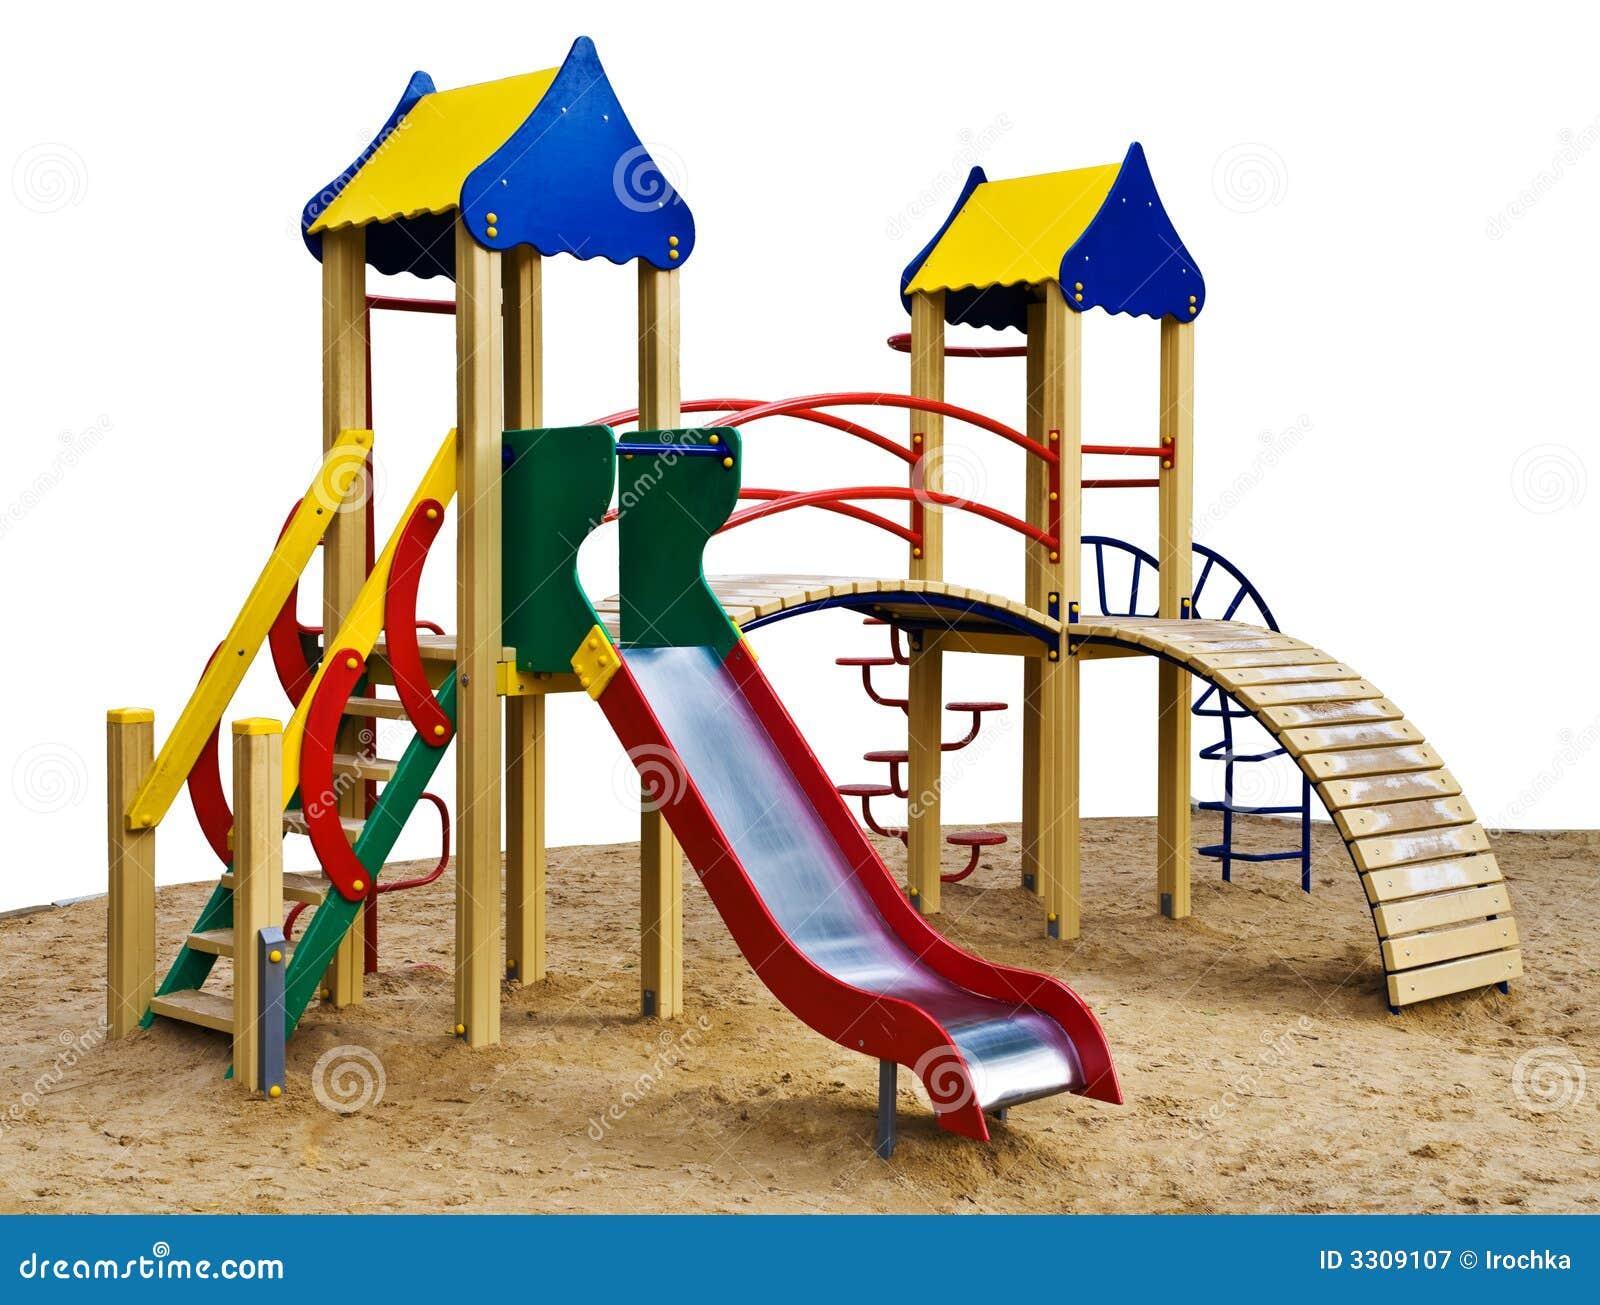 How to Make a Playground Model   eksploatacja-samochodu.info